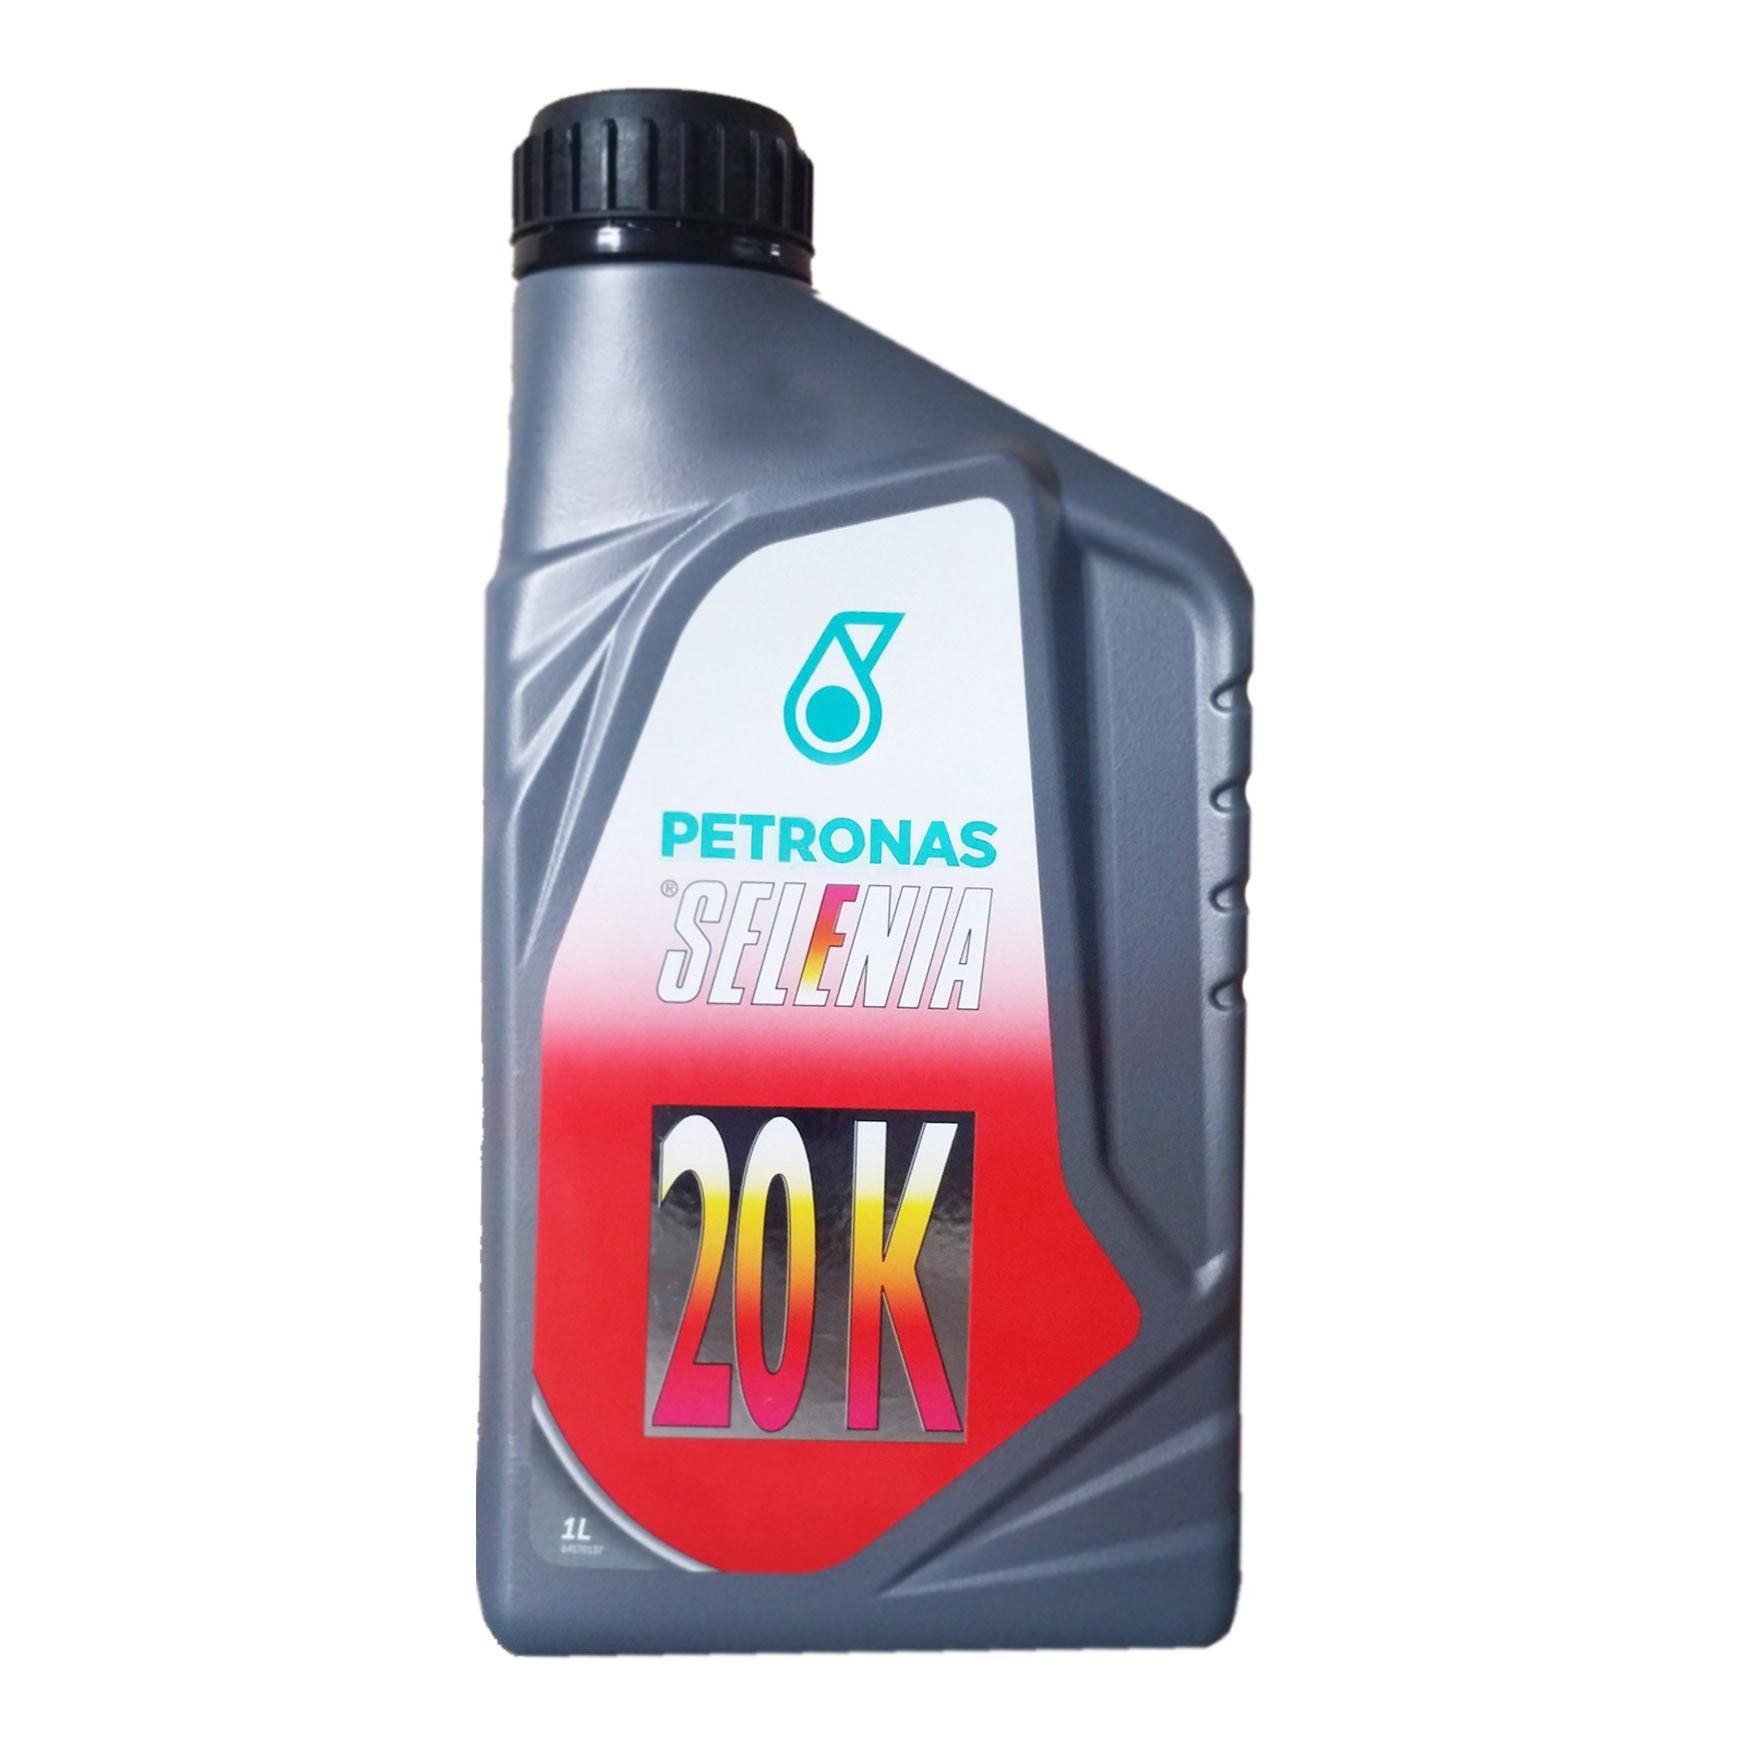 Моторное масло Selenia 20 К SAE 10W-40 1л 10721619